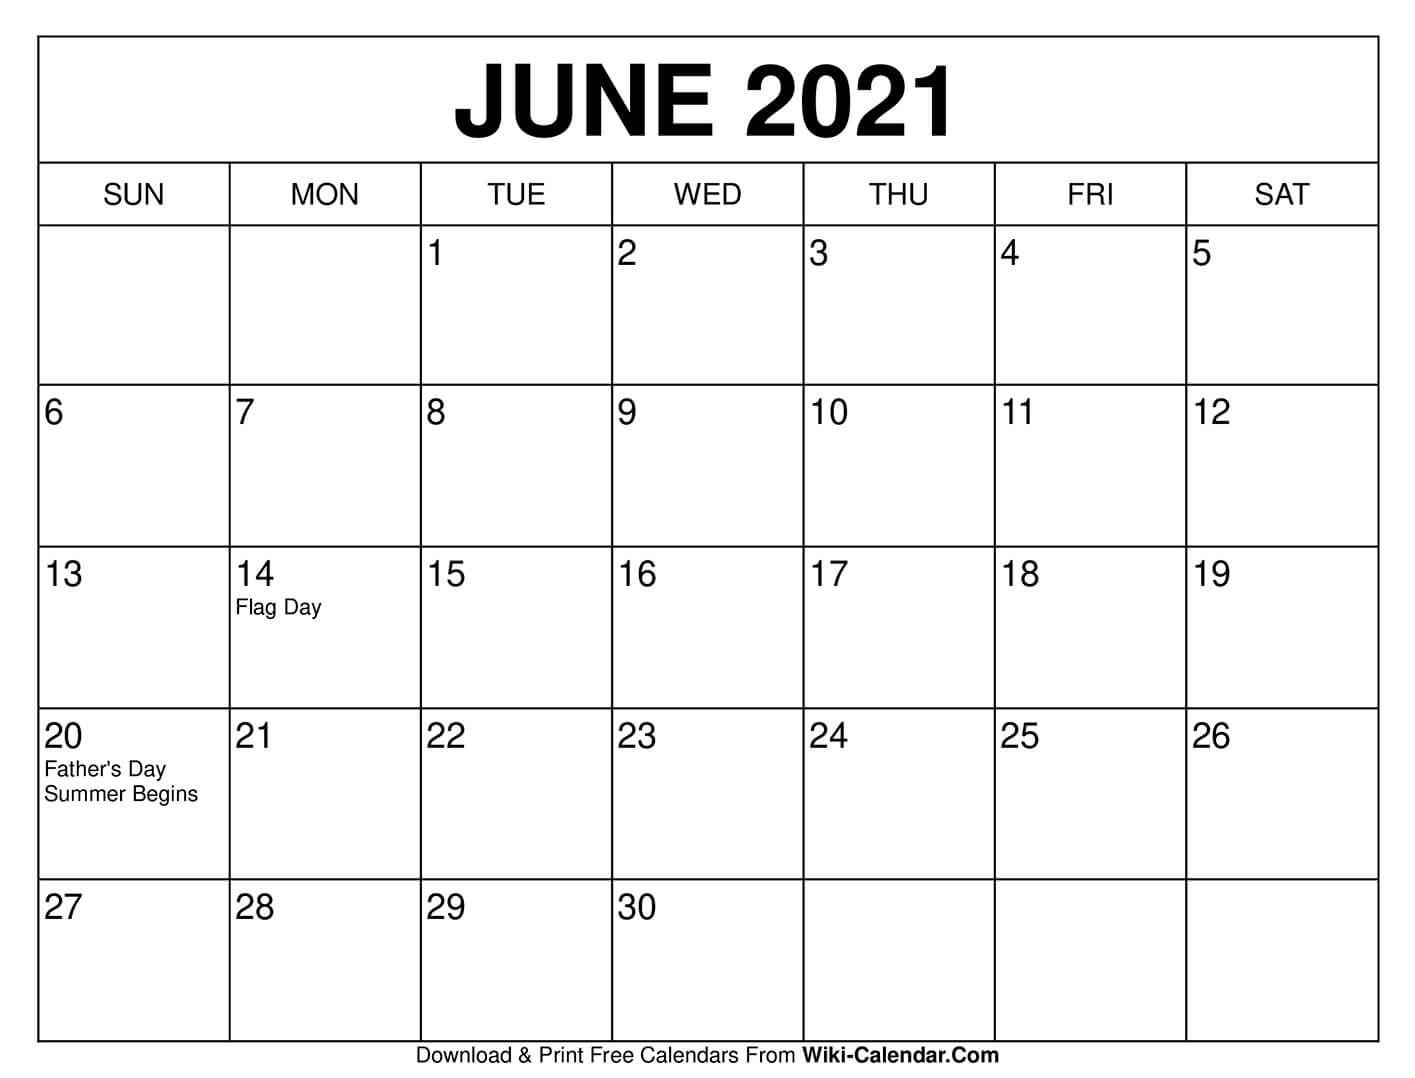 June 2021 Calendar   Calendar Printables, Free Calendars To